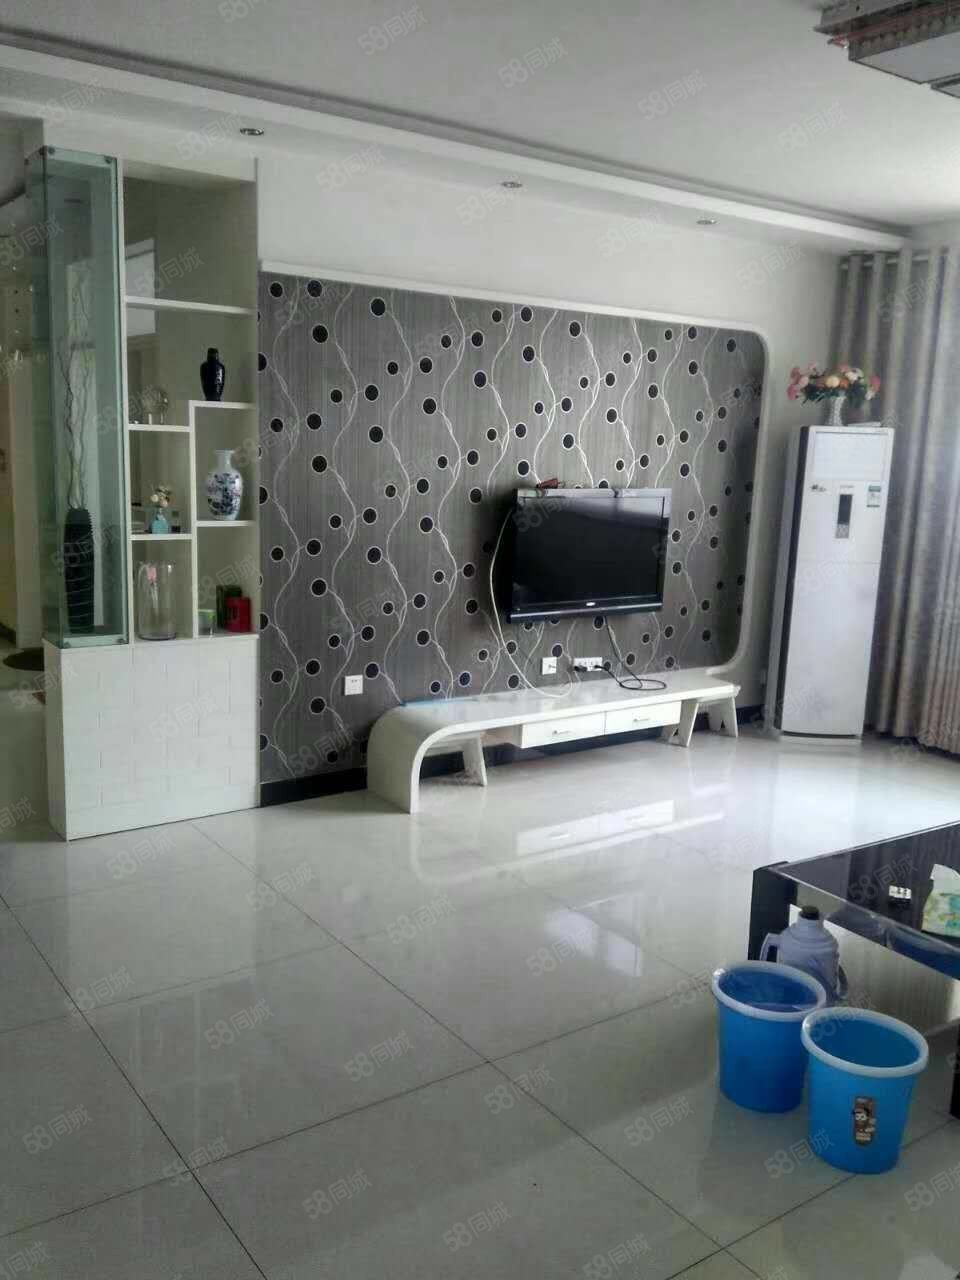 出租,东方美庐3室2厅130平米精装修全家具家电全拎包入住